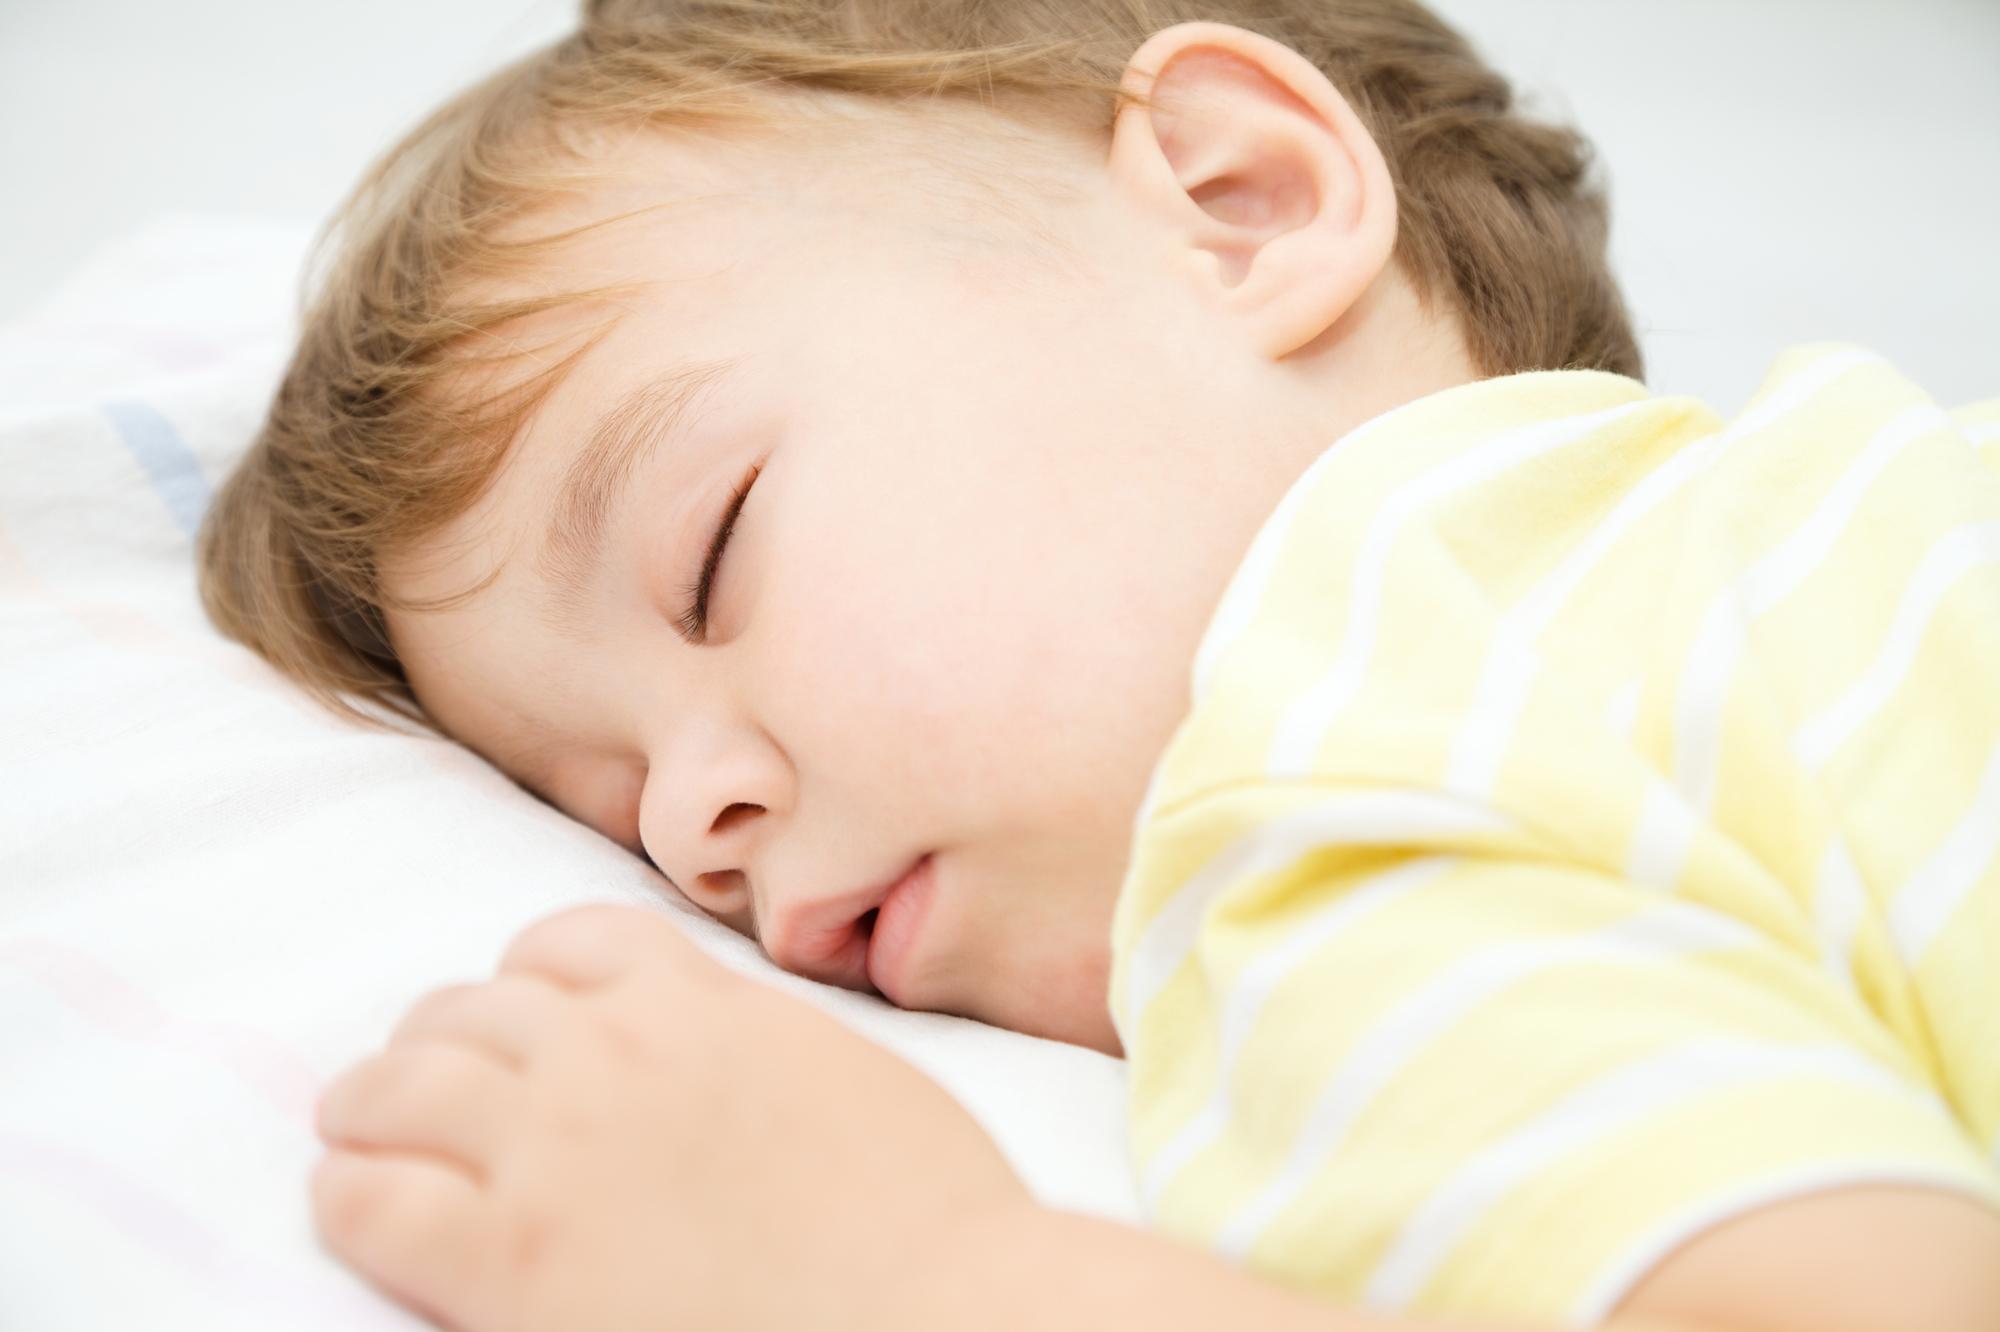 赤ちゃんのうつぶせ寝は危険!?対策のポイントを医師が解説!